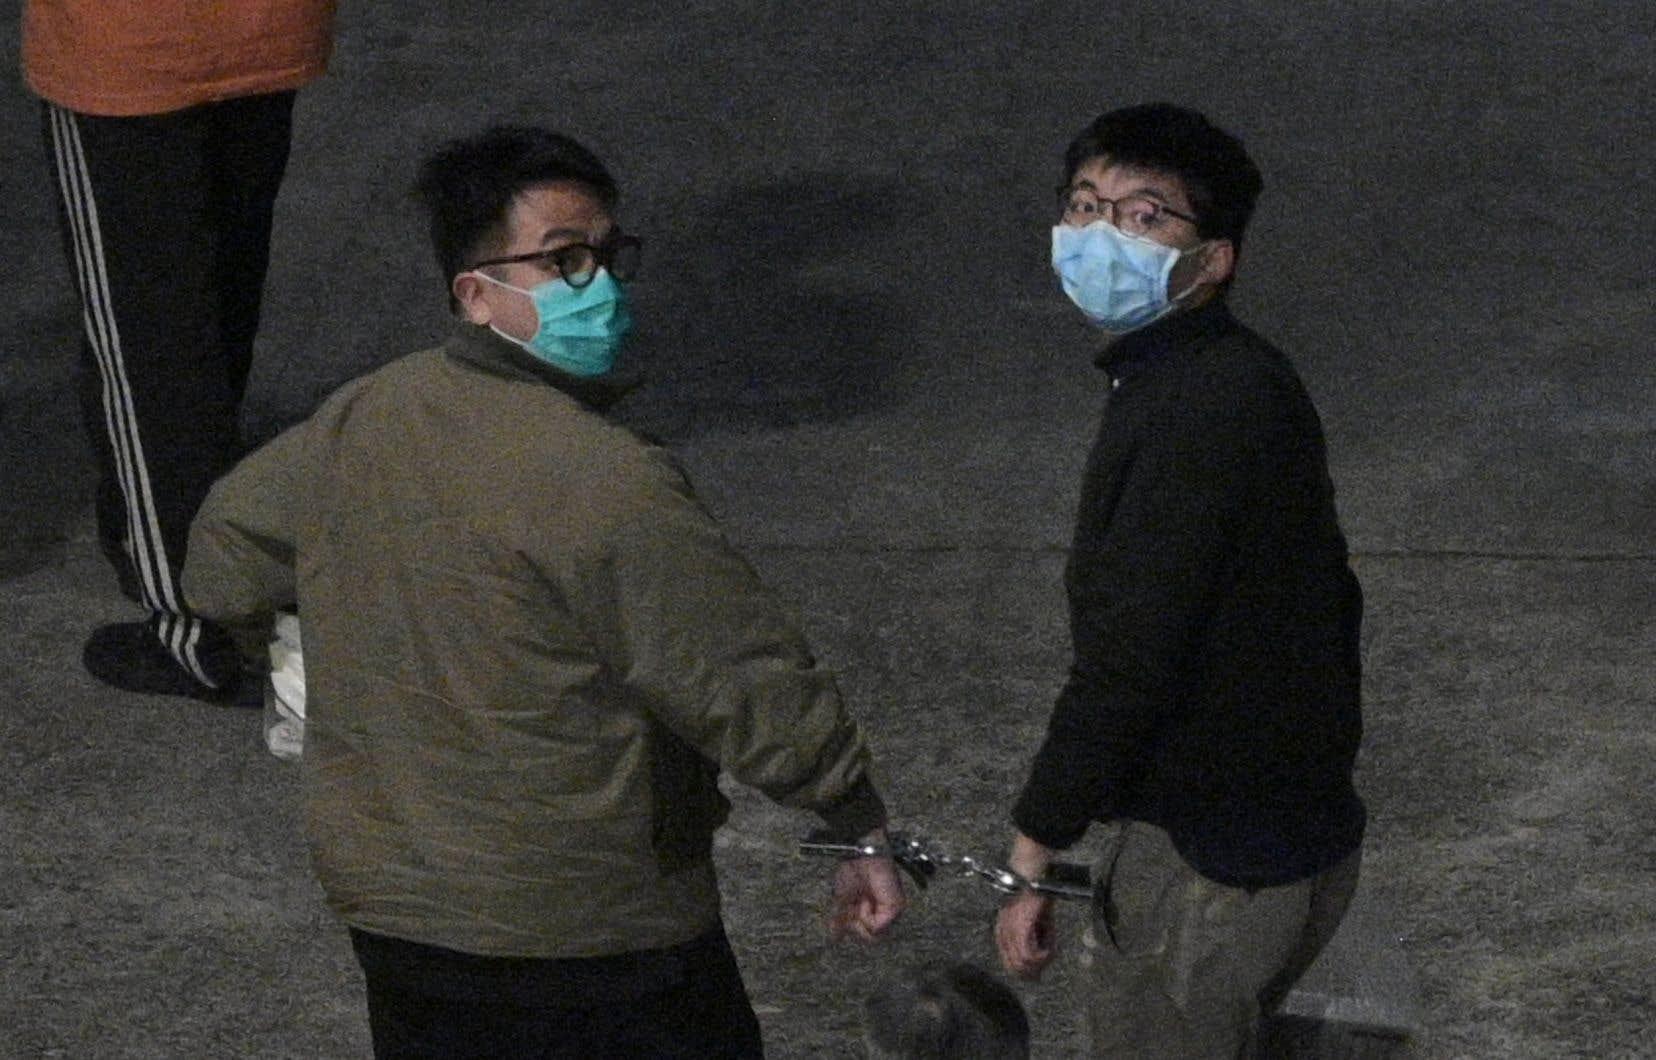 Joshua Wong (à droite) a été condamné à 13 mois et demi de prison. Ses camarades Agnes Chow et Ivan Lam (à gauche) ont été condamnés respectivement à dix et sept mois de détention.